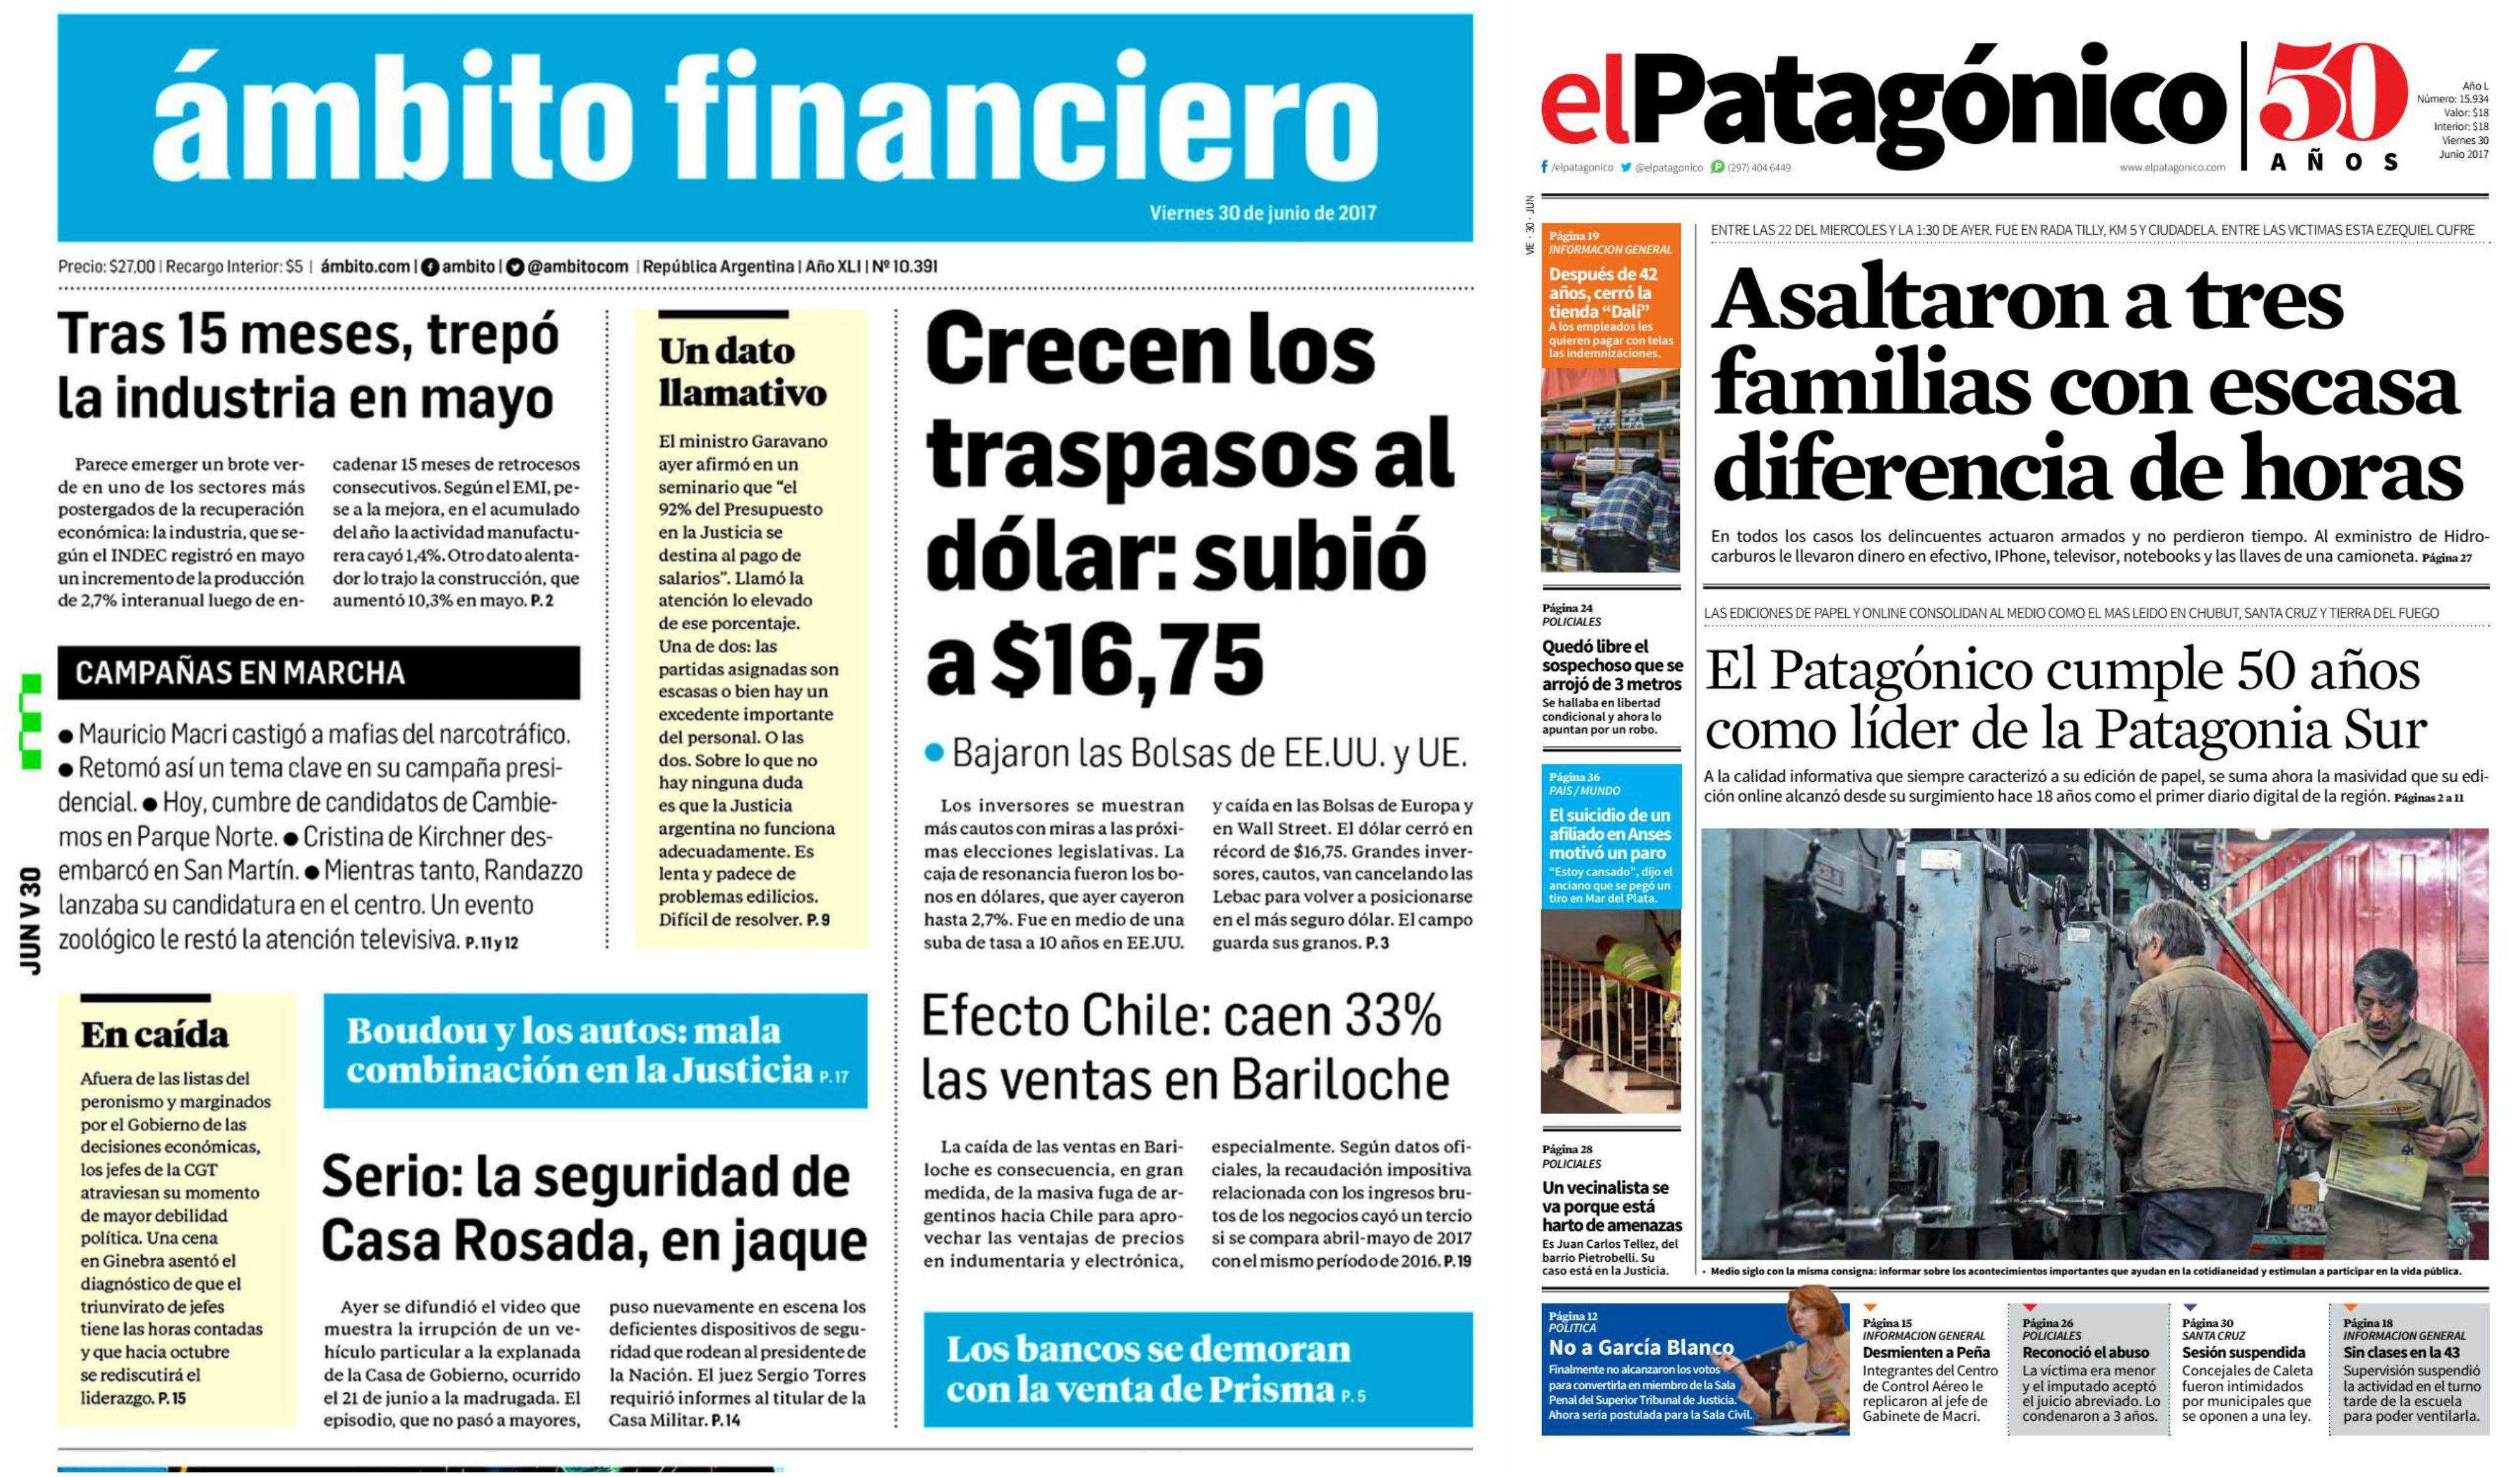 Tapas de diarios del viernes 30 de junio de 2017